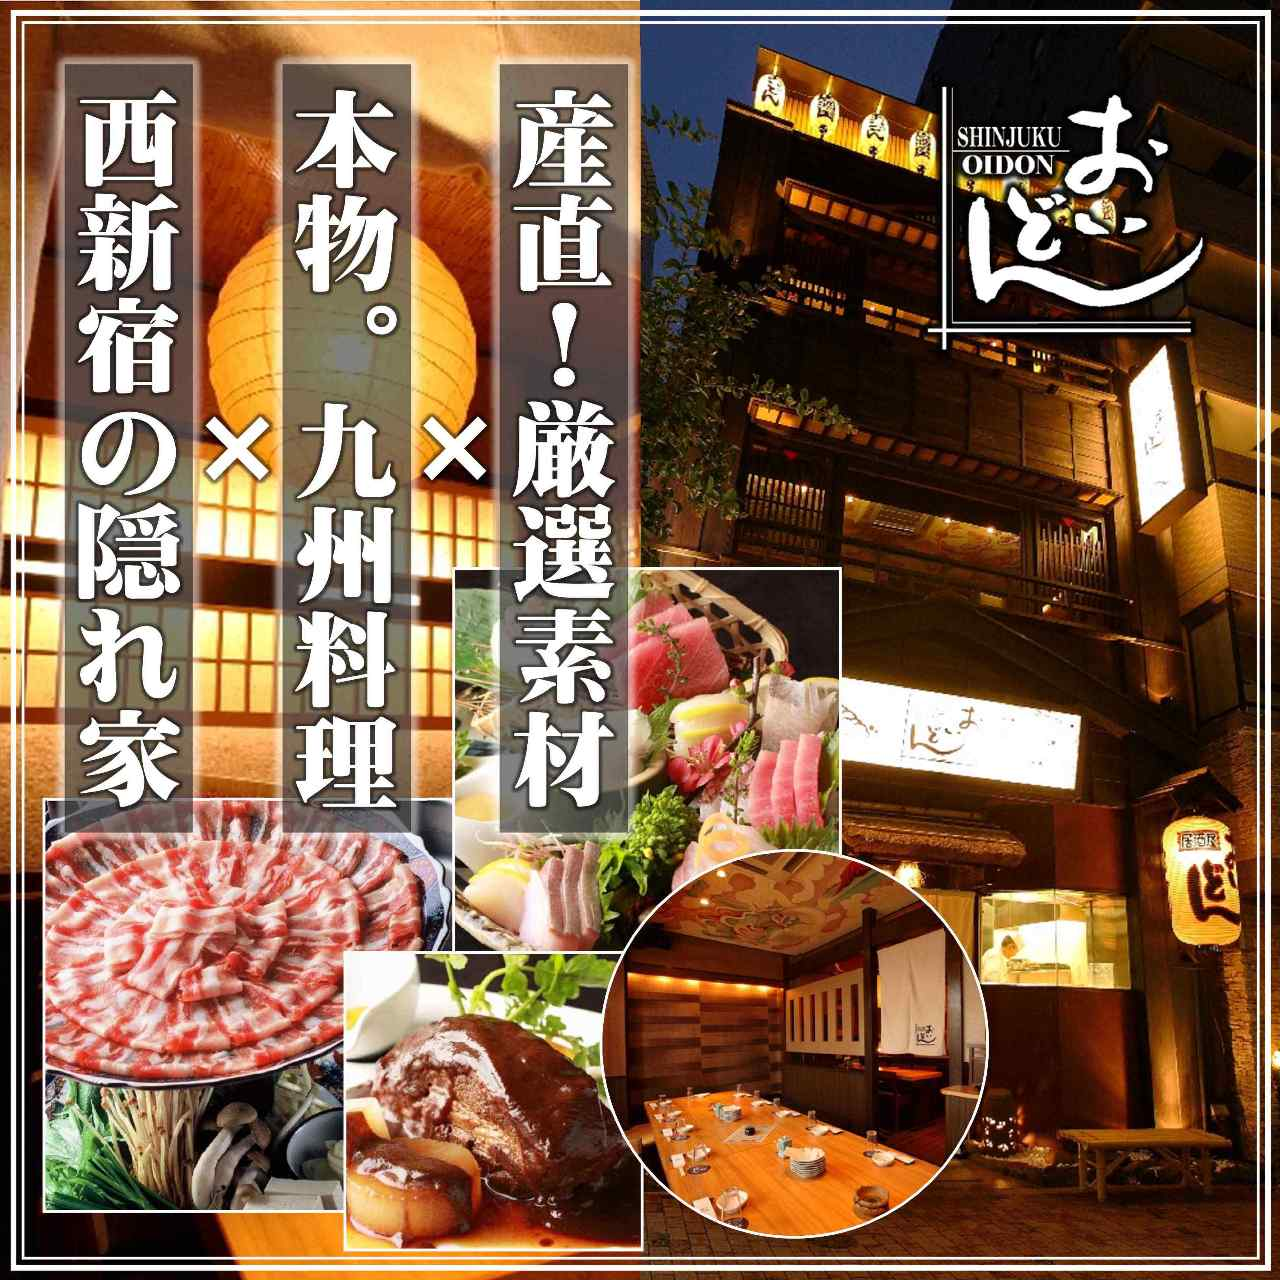 九州料理×個室 おいどん 西新宿店のイメージ写真